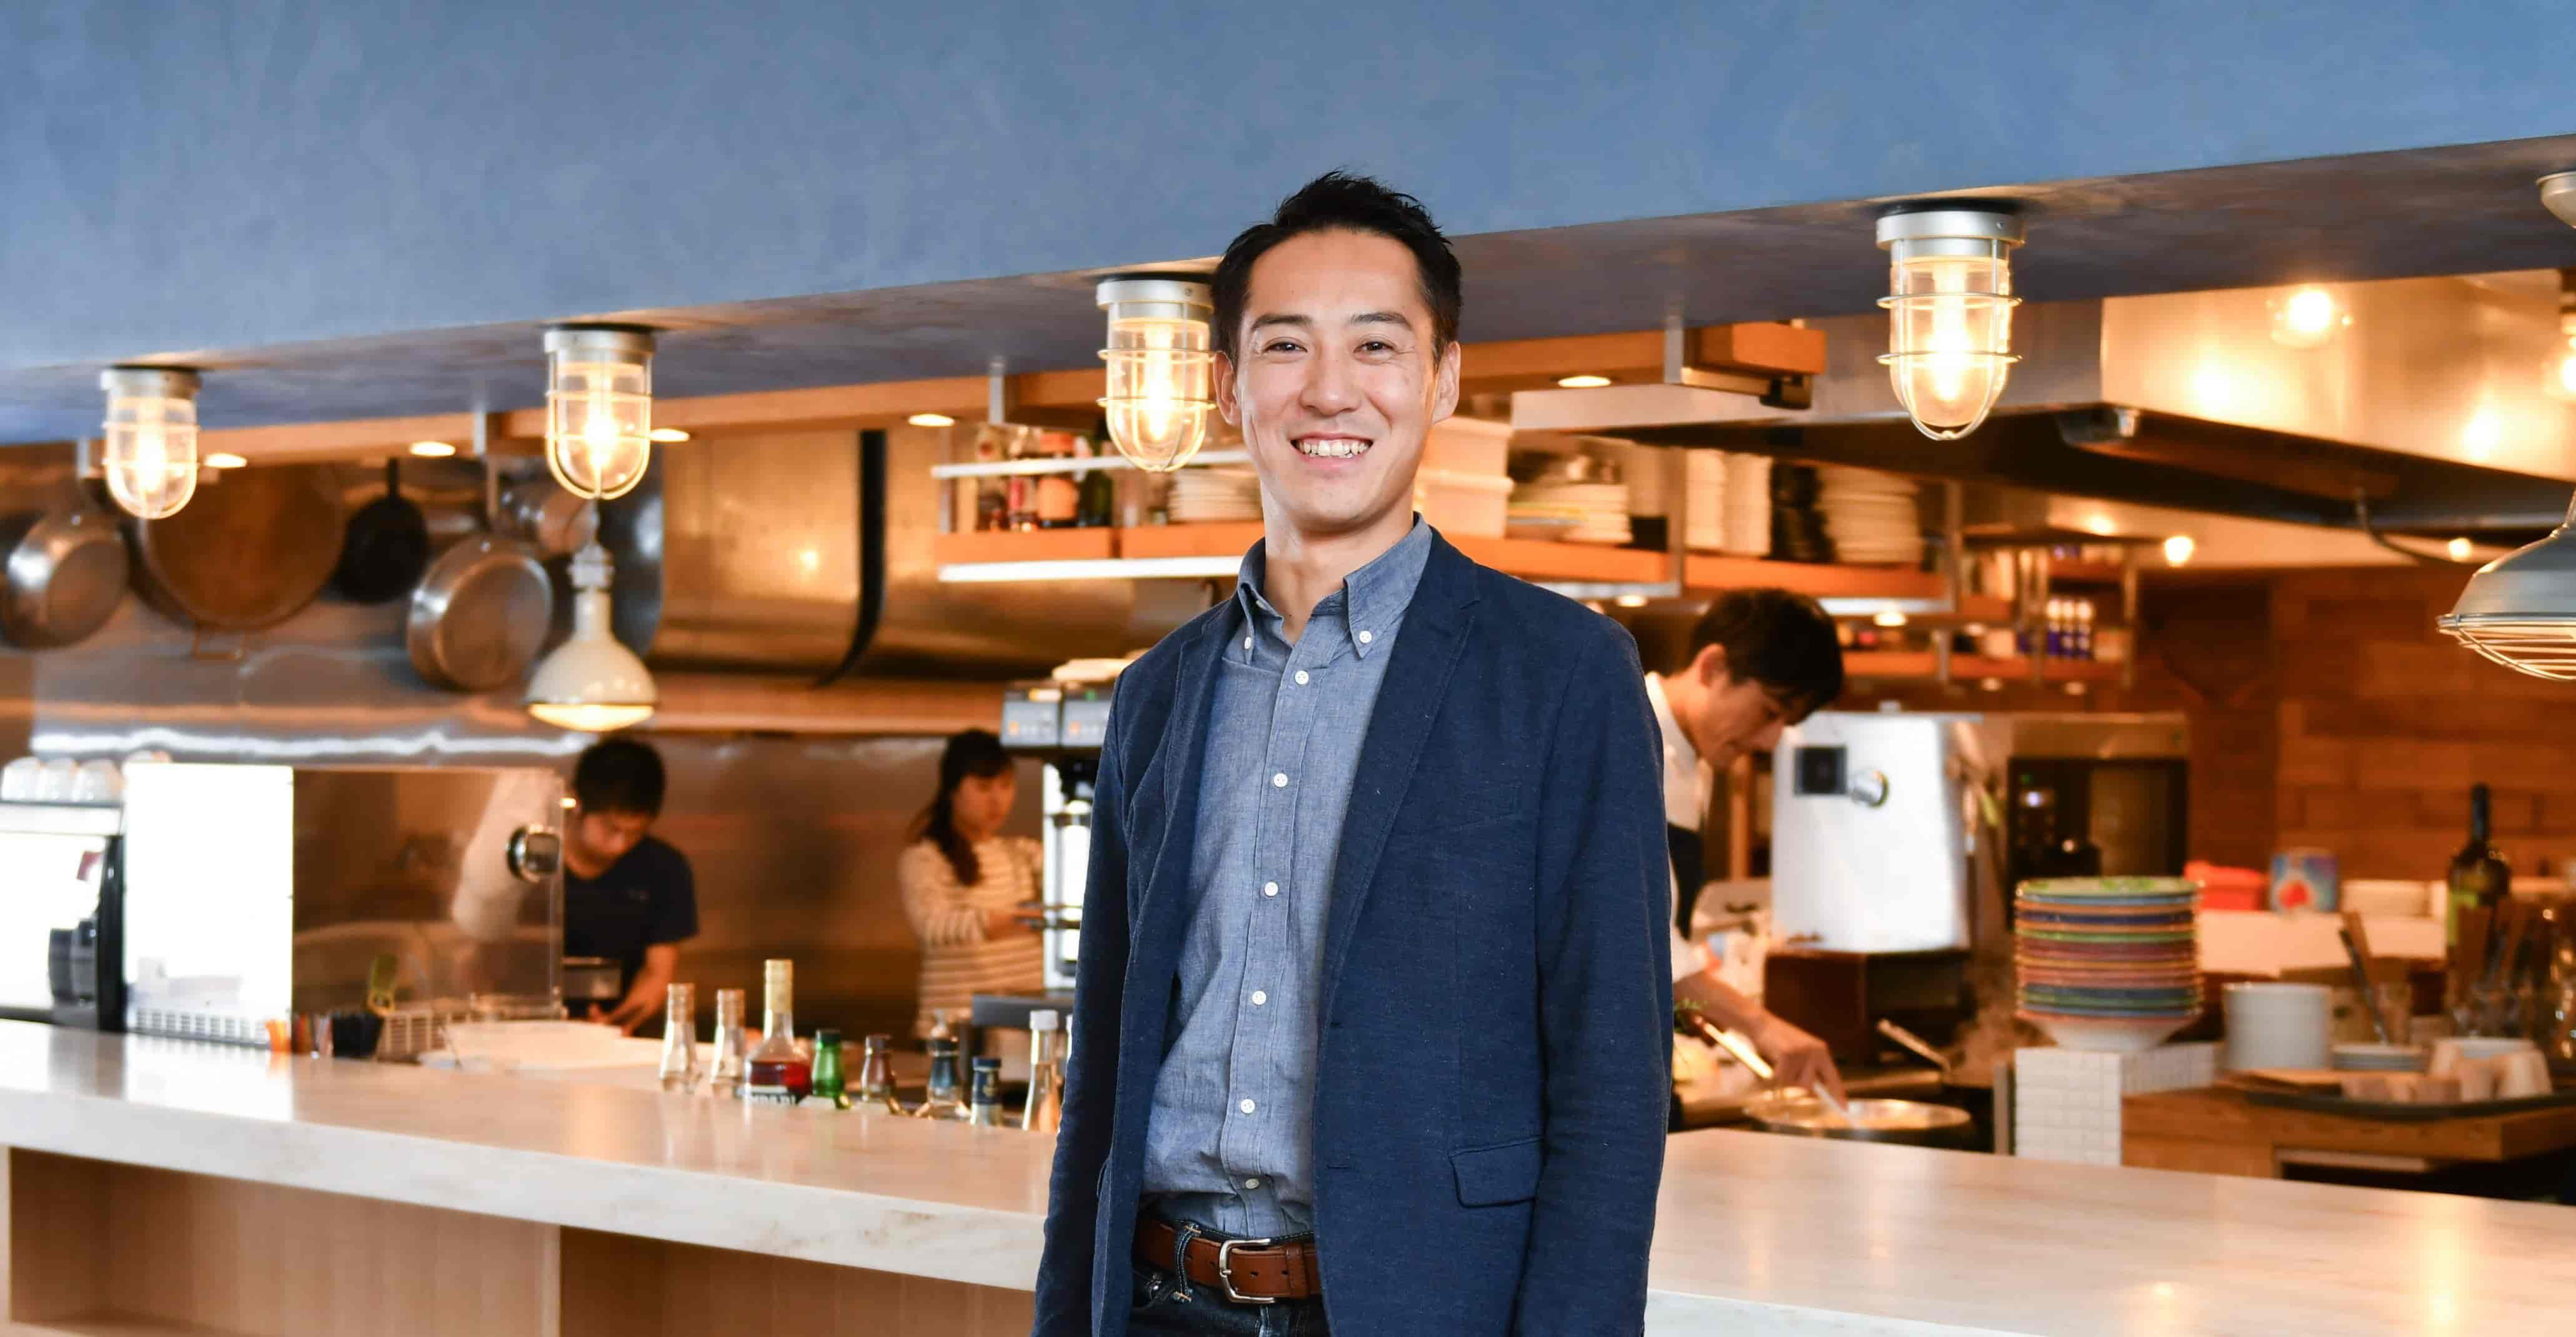 経営理念の浸透、チームの更なる強化に向けて日本一の社風づくりを目指す